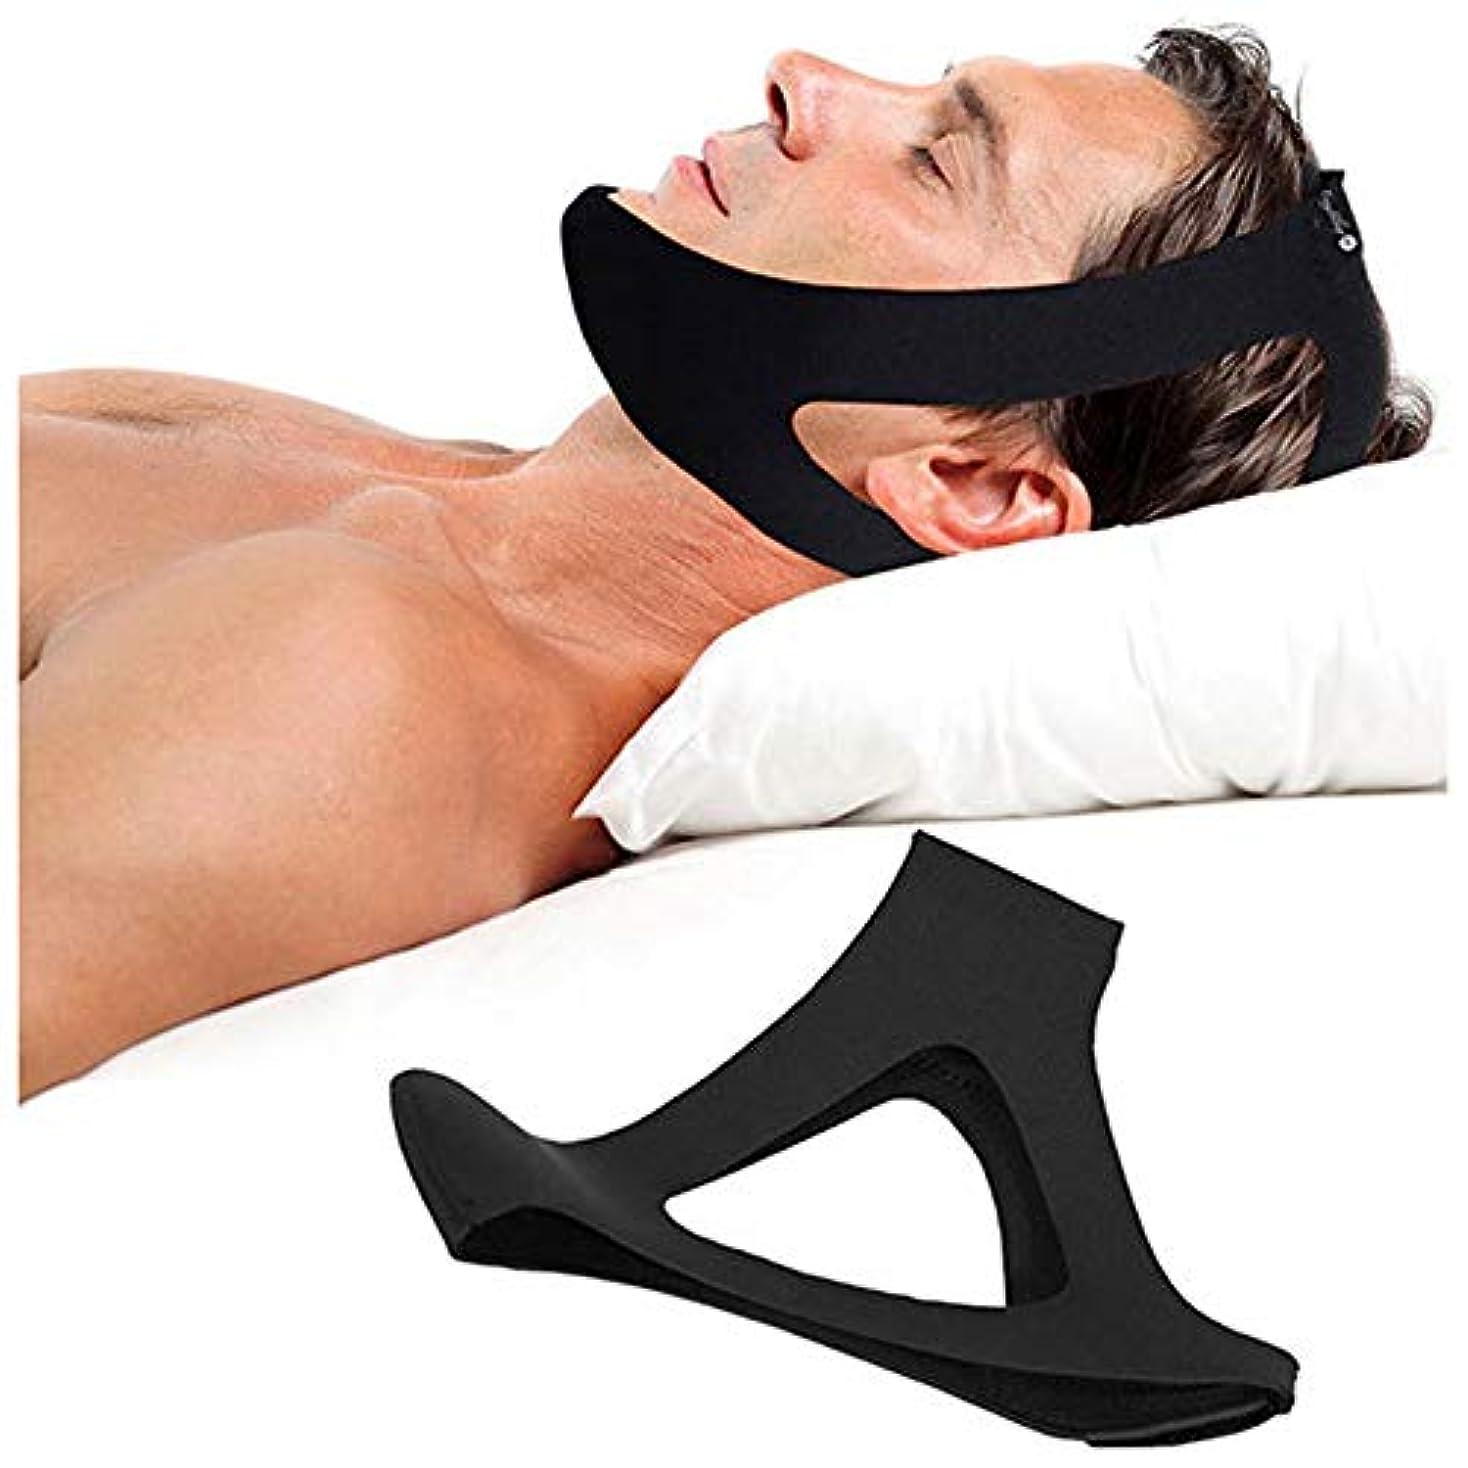 印象的なホステス抜け目のないアンチいびきあごストラップ停止いびきいびきベルト睡眠時無呼吸あごサポートストラップ女性男性ナイト睡眠補助ツールフェイスリフトツール,A